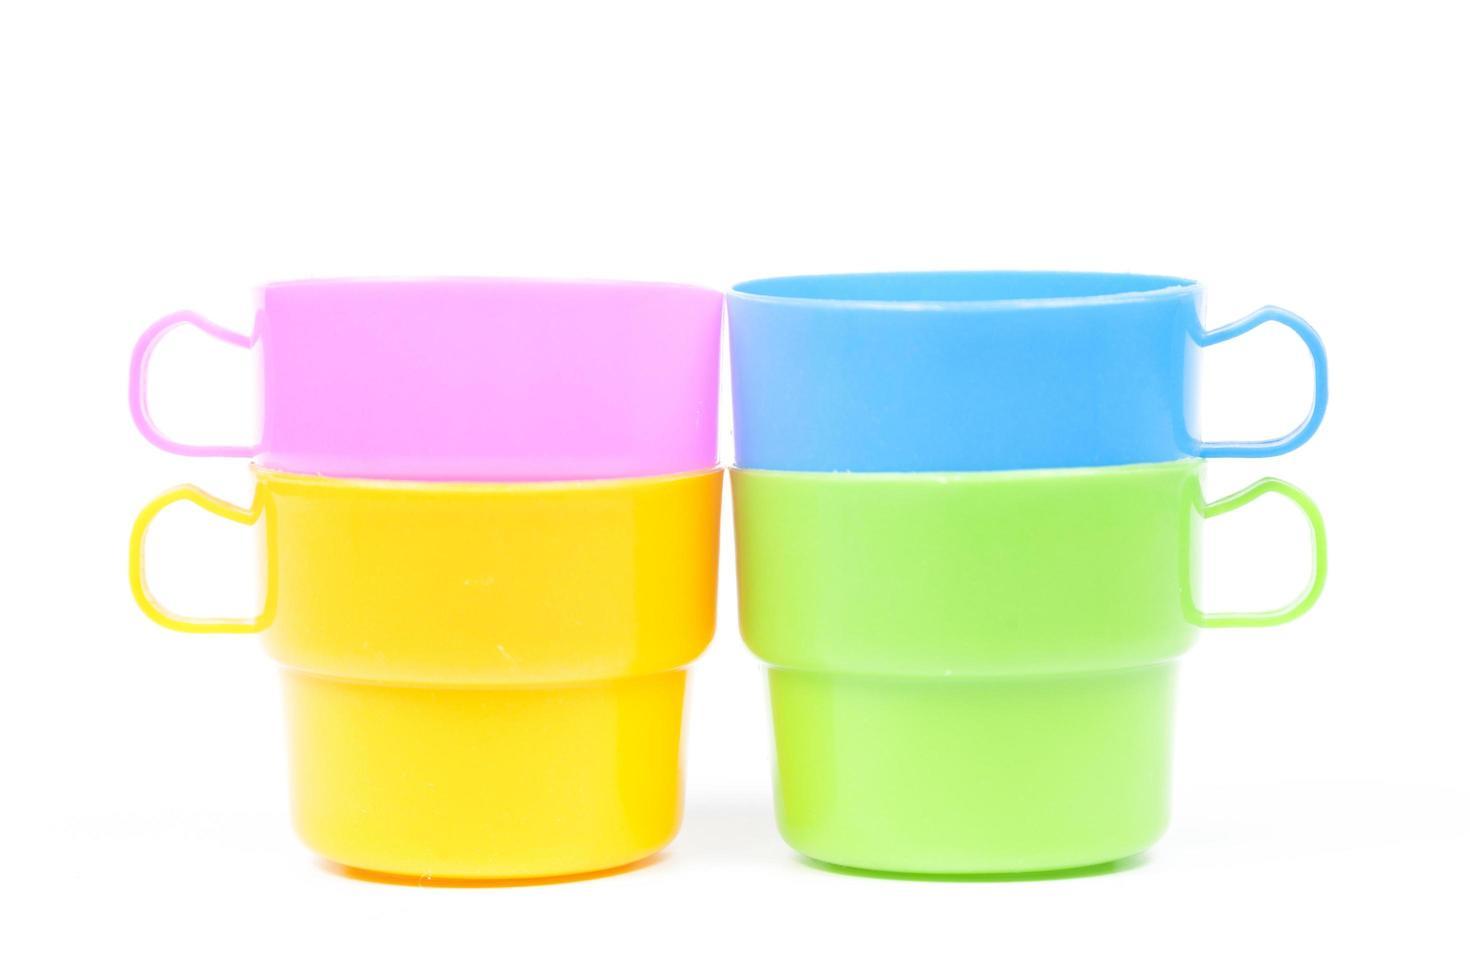 vasos de plástico multicolor foto